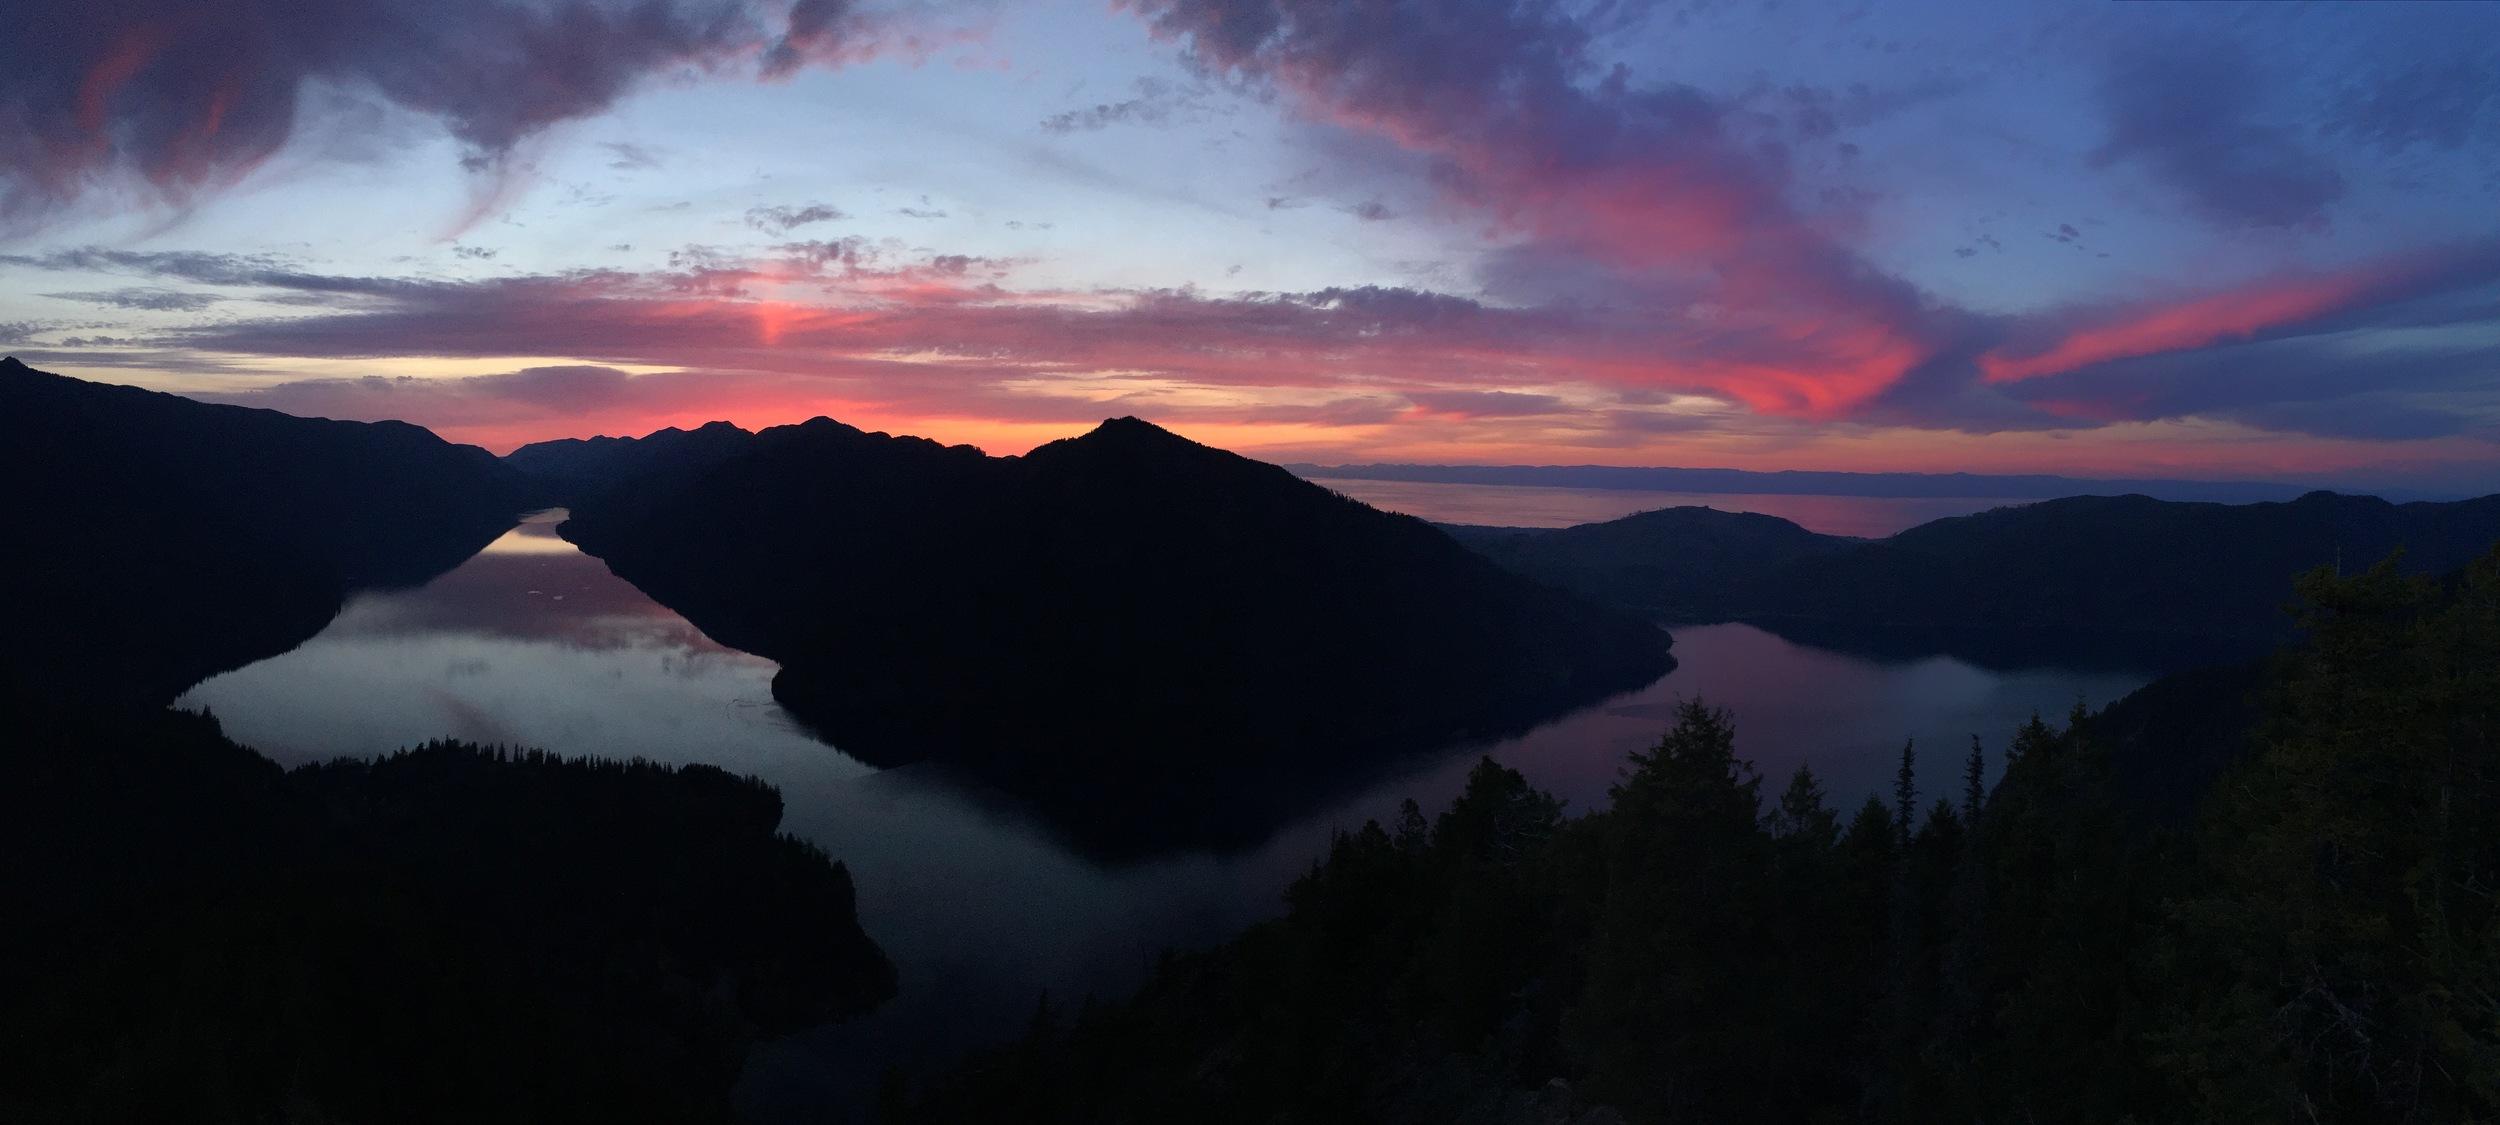 9 - pano sunset.jpg